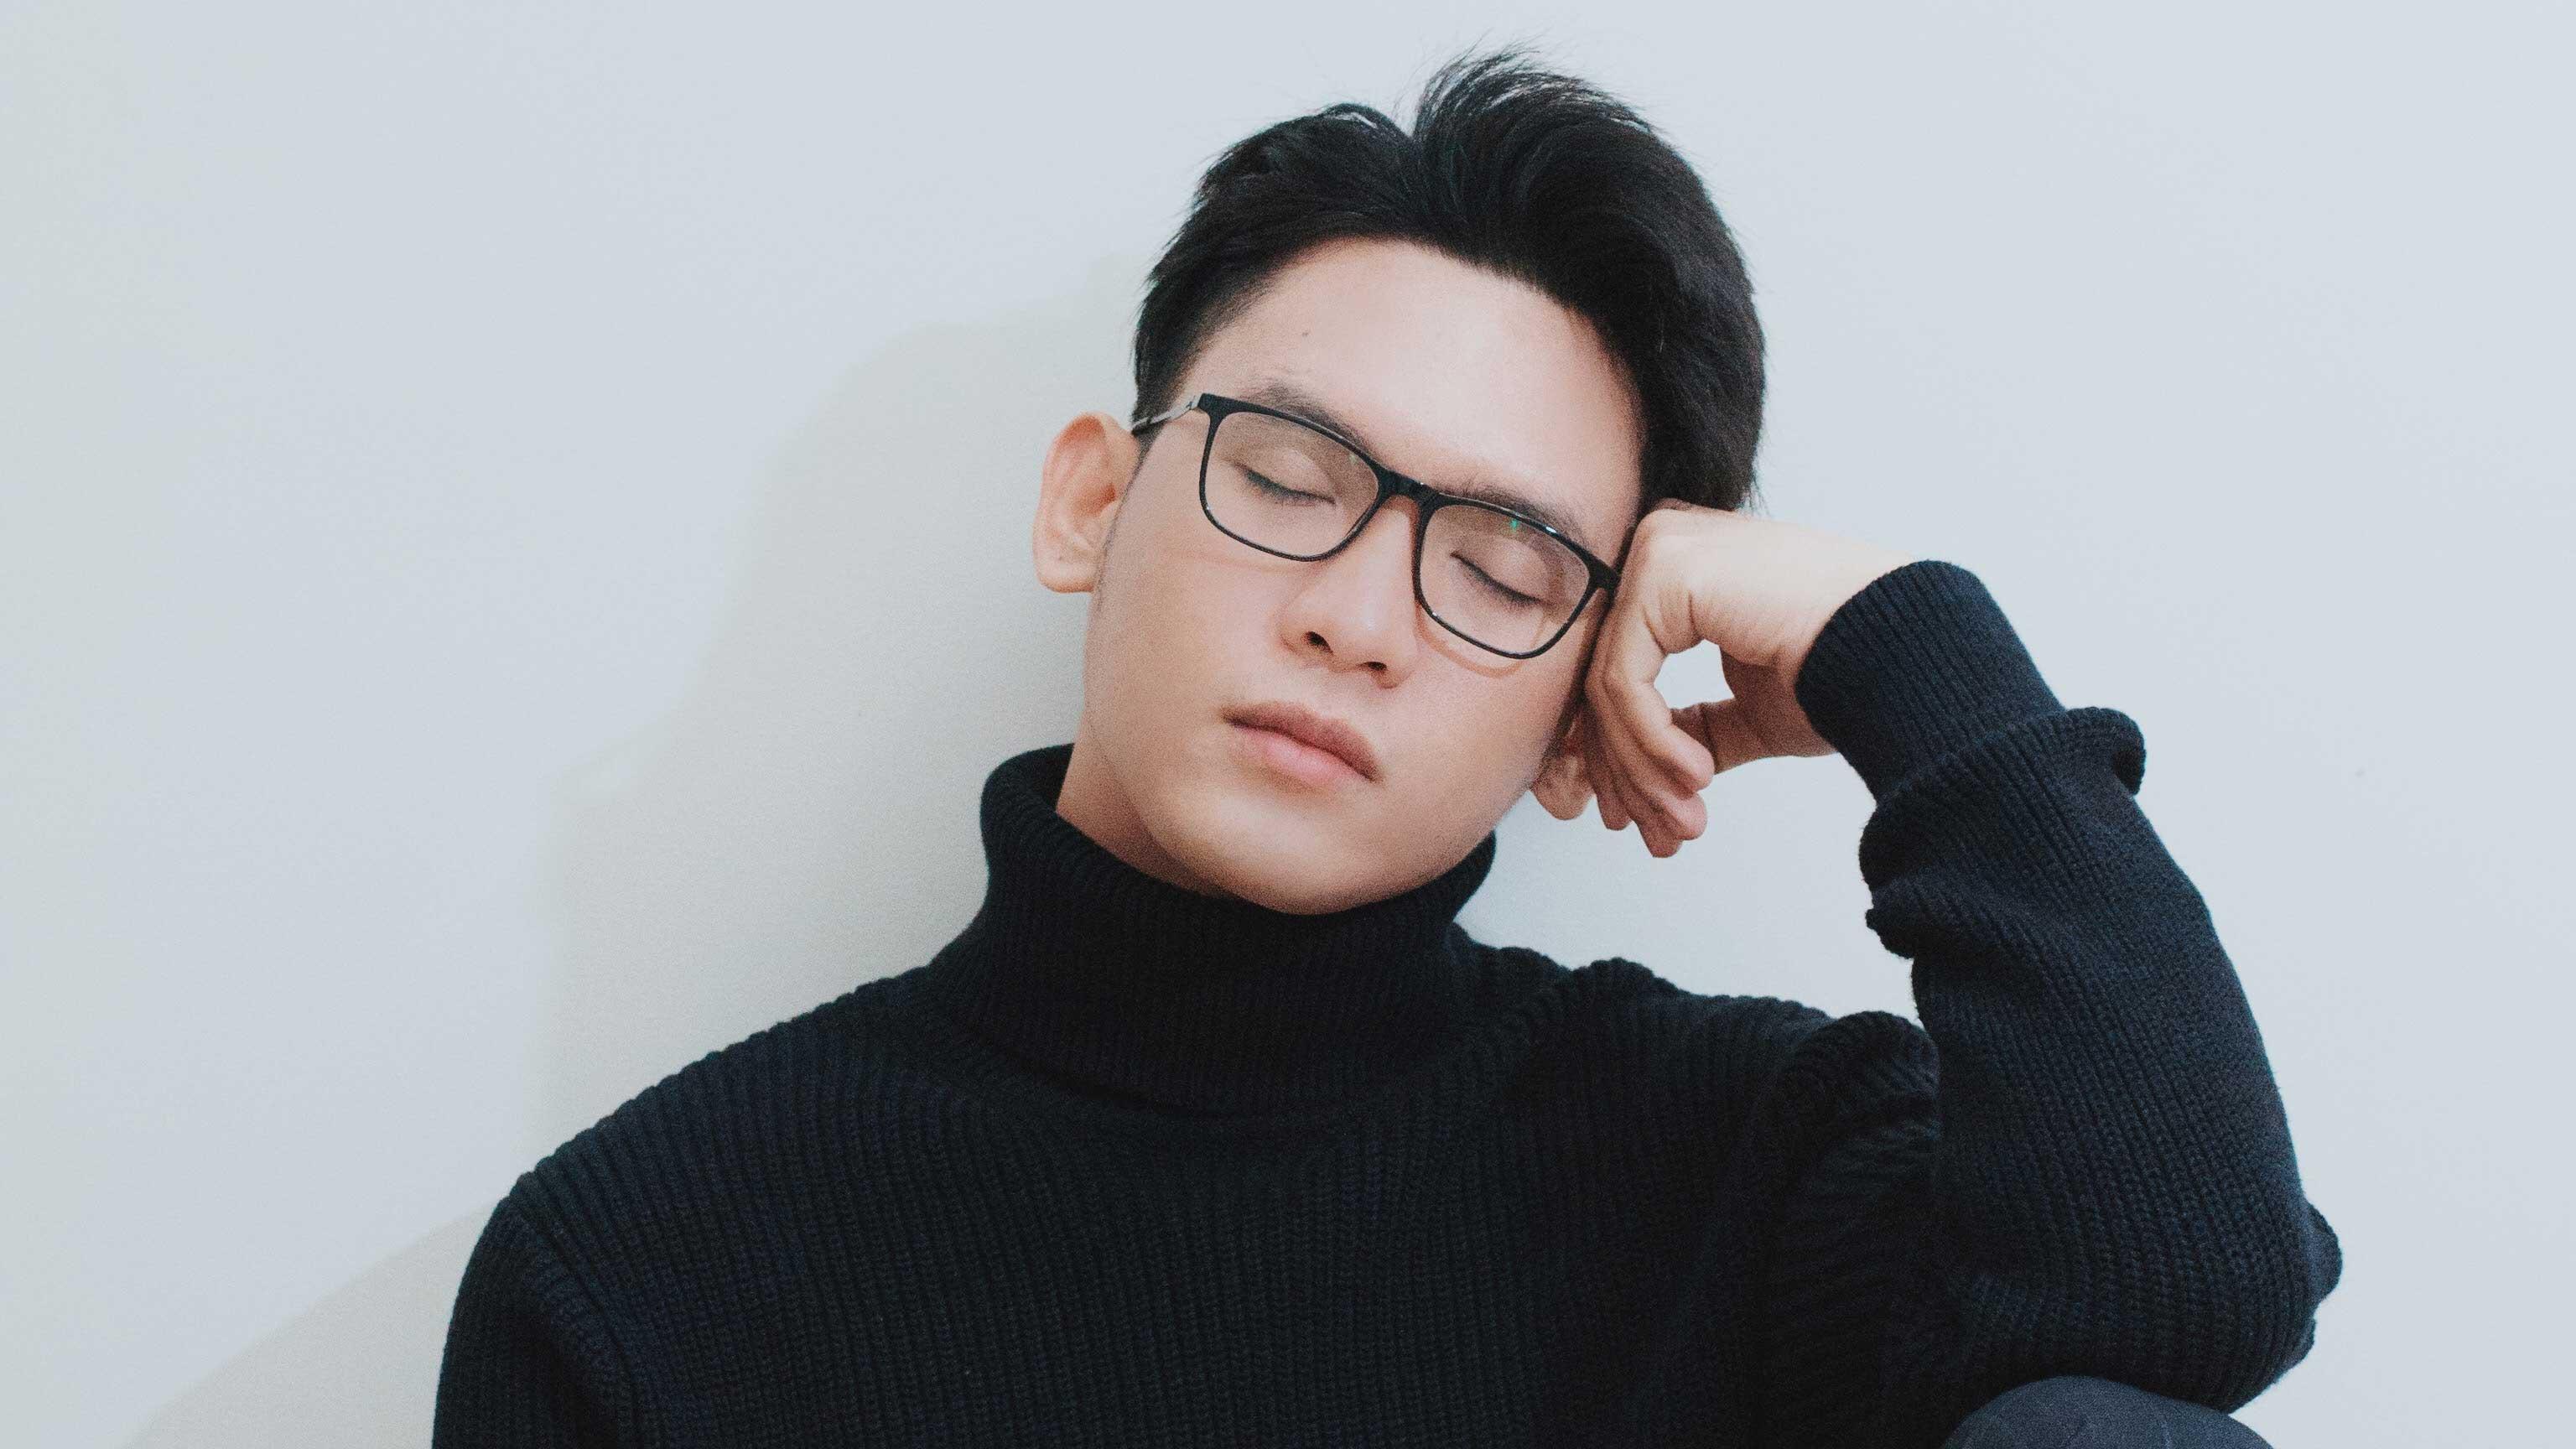 Rapaz de óculos cochilando sentado com a cabeça apoiada no braço.